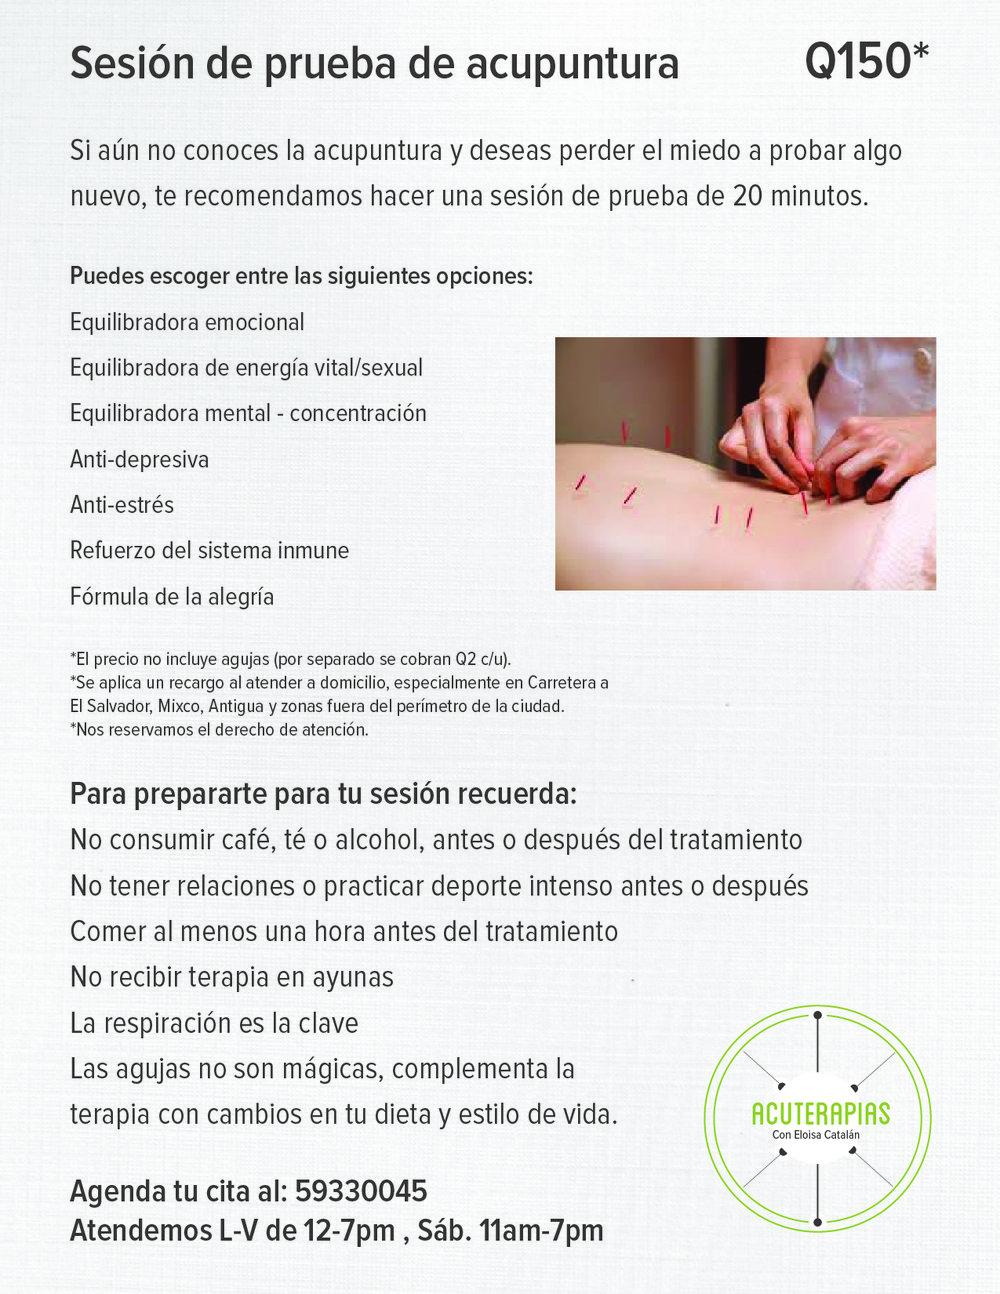 Acuterapias info_v02_web-02.jpg